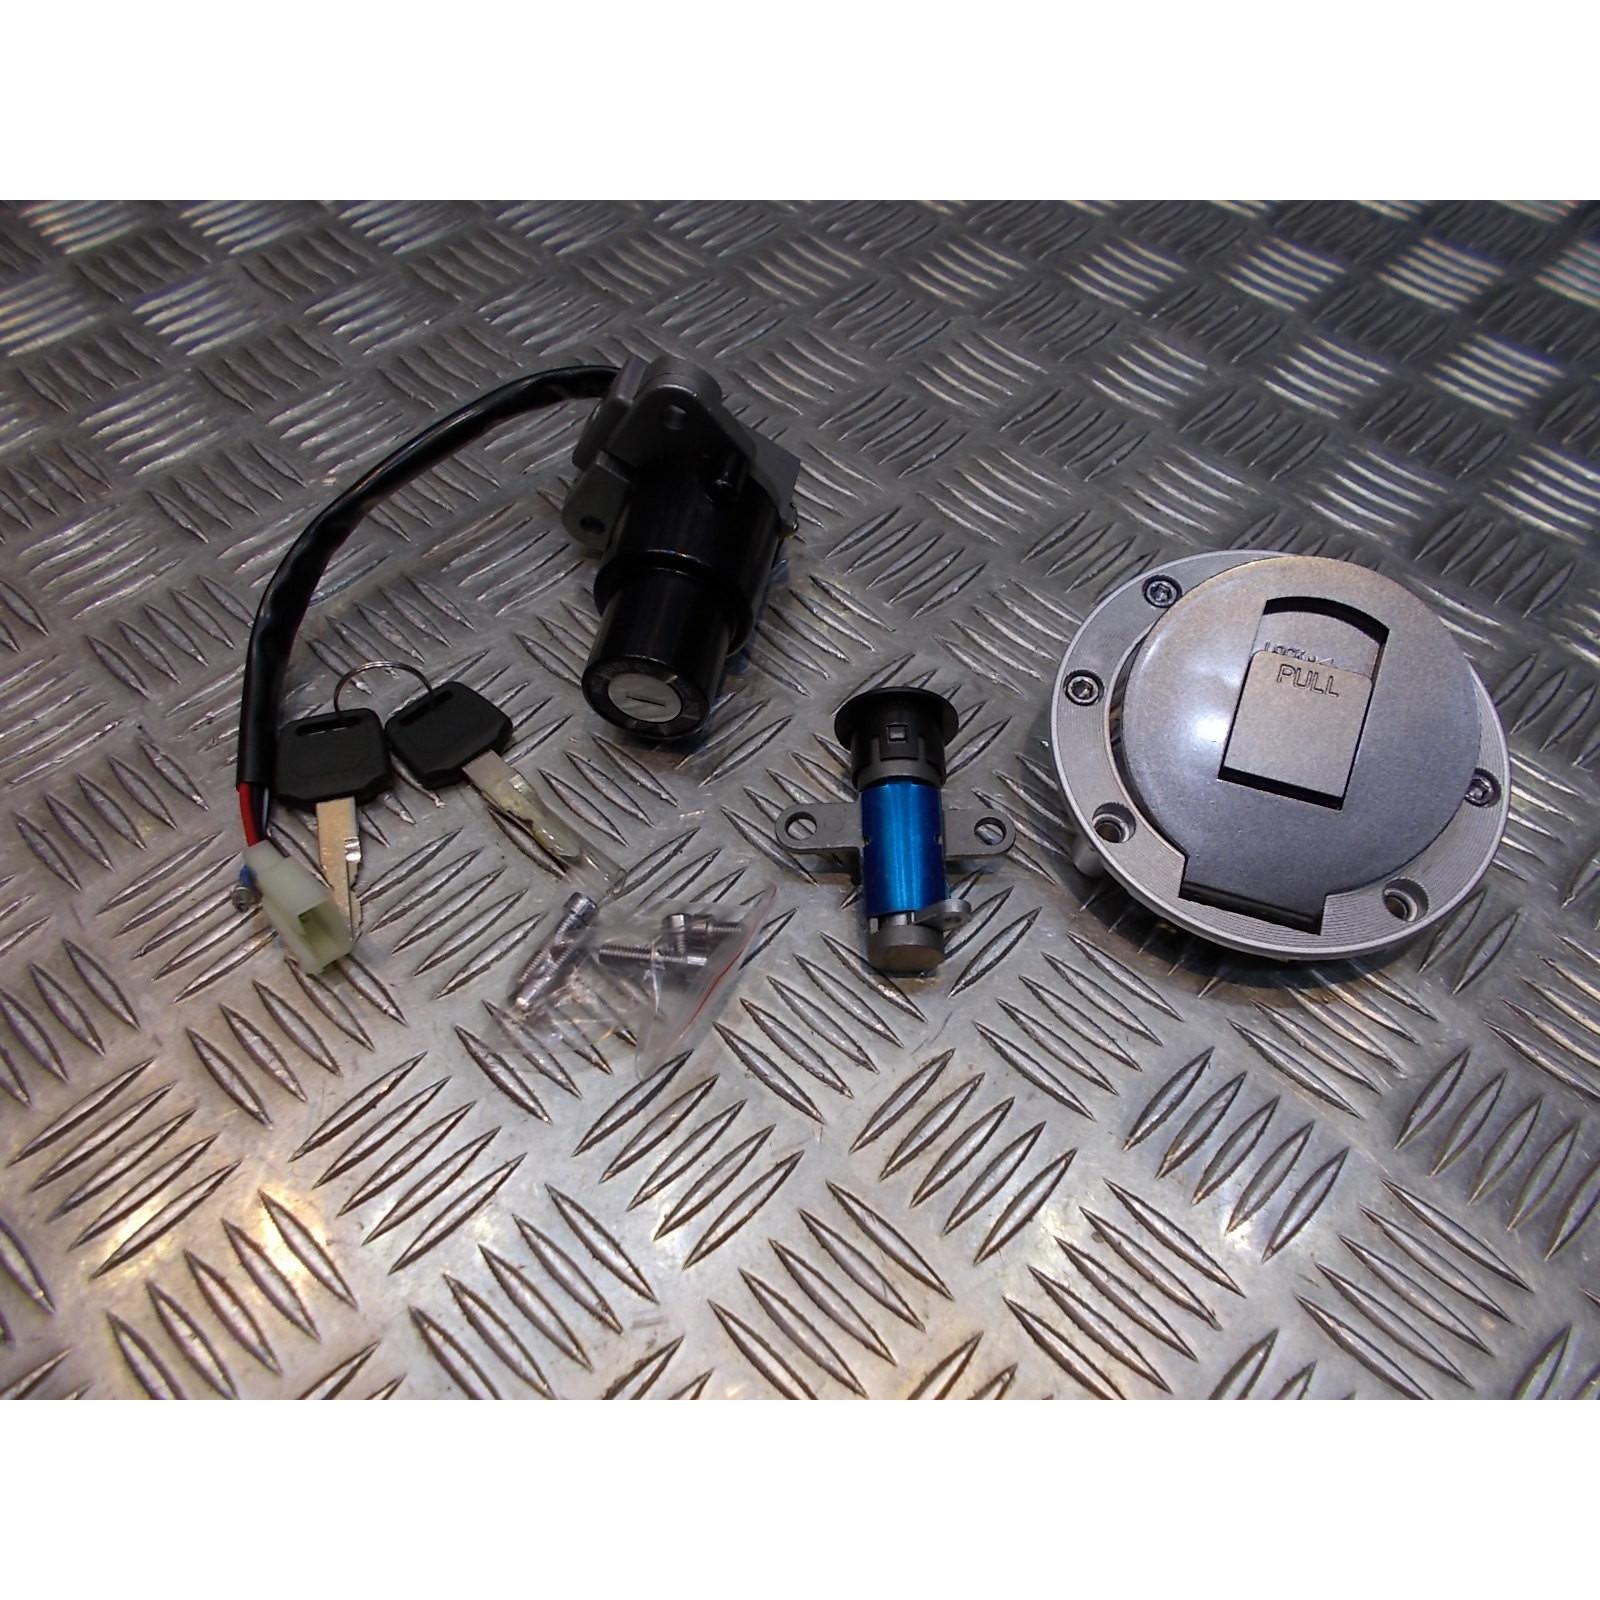 kit neiman contacteur cle serrure selle bouchon essence moto yamaha 125 tzr 850 tdm ...